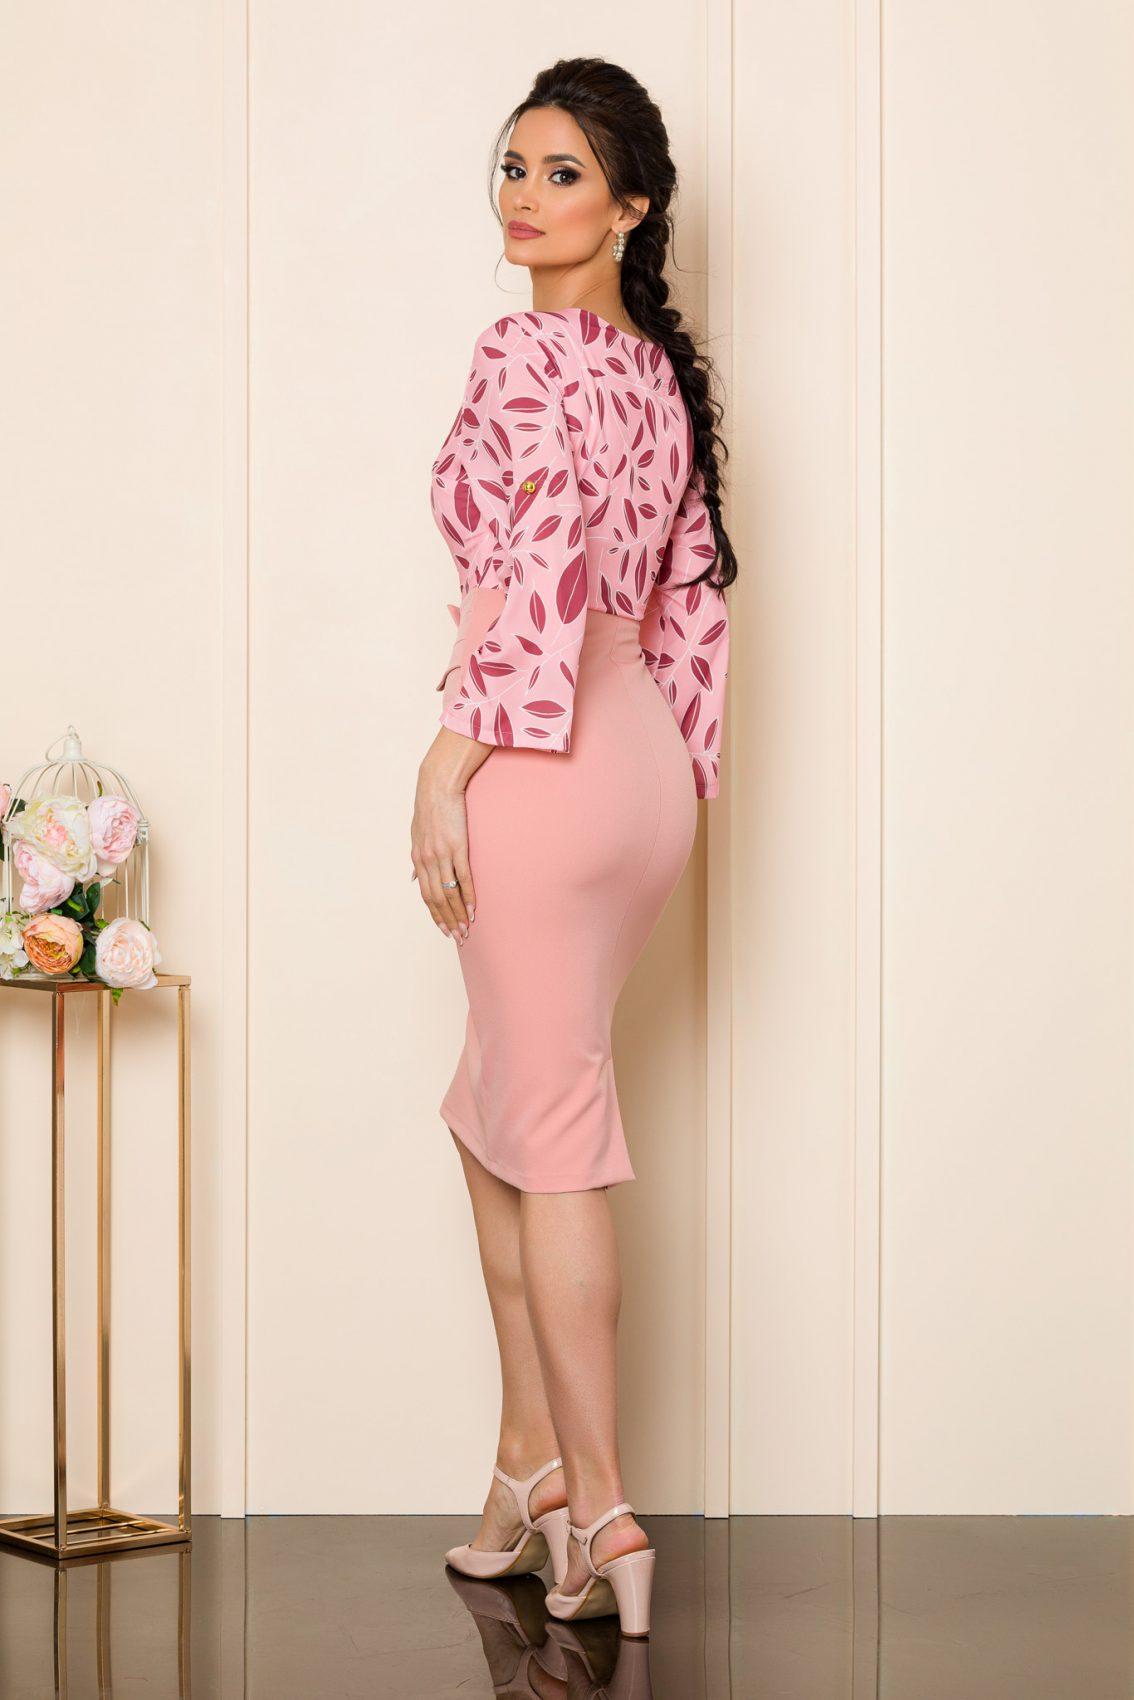 Ροζ Βραδινό Φόρεμα Anemarie 9841 2